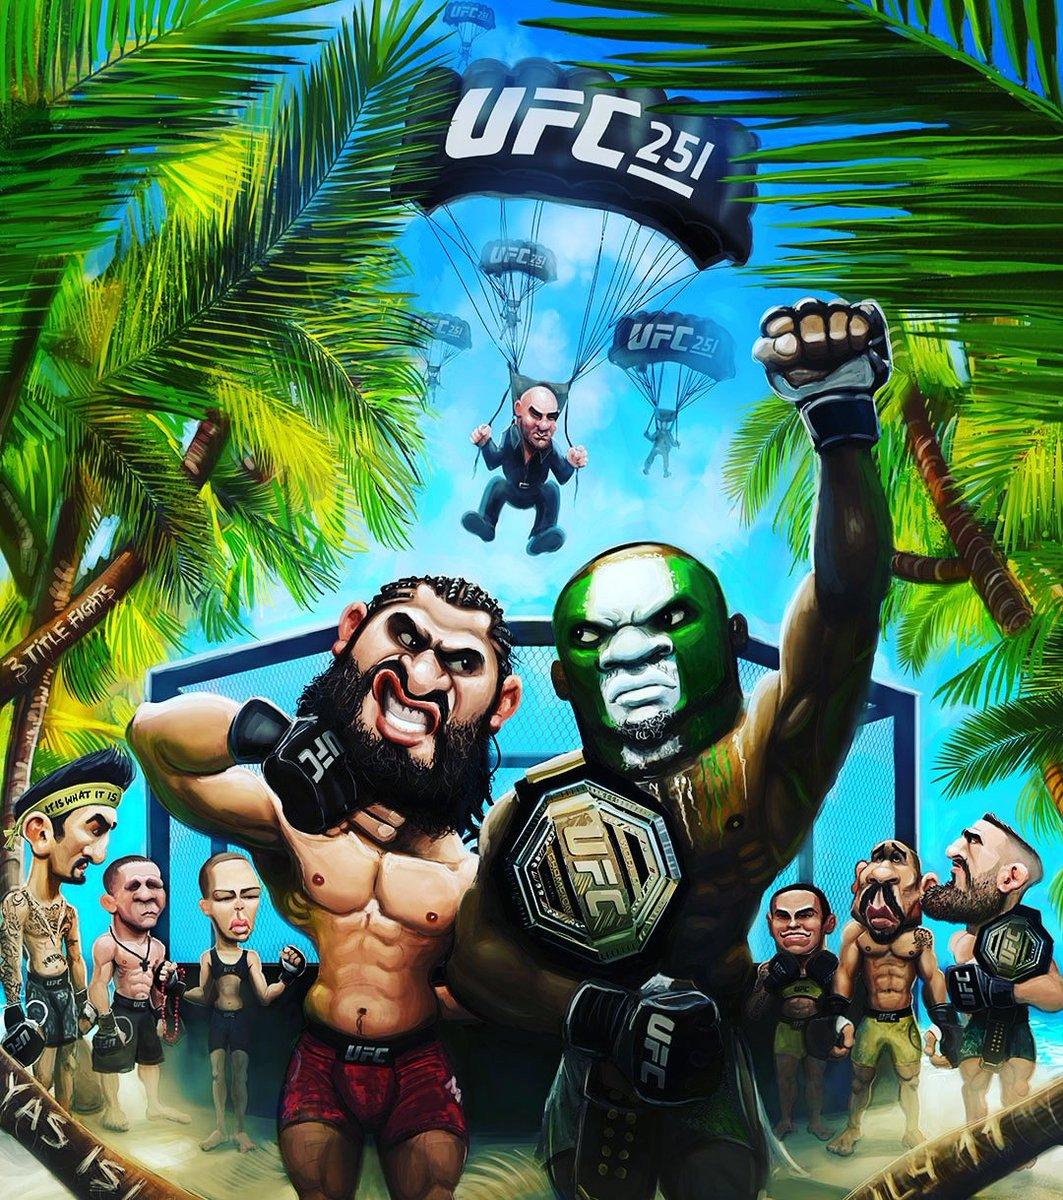 ¡Todo está listo en Fight Island! ¡Nos espera un sábado espectacular en el octágono! ¿Quiénes creen que salgan de la jaula con los cinturones de campeones? #DiarioMMA #UFC251 #fightisland🏝 #ufc #MMA #ProhibidoParpadear https://t.co/8fpryHBAul